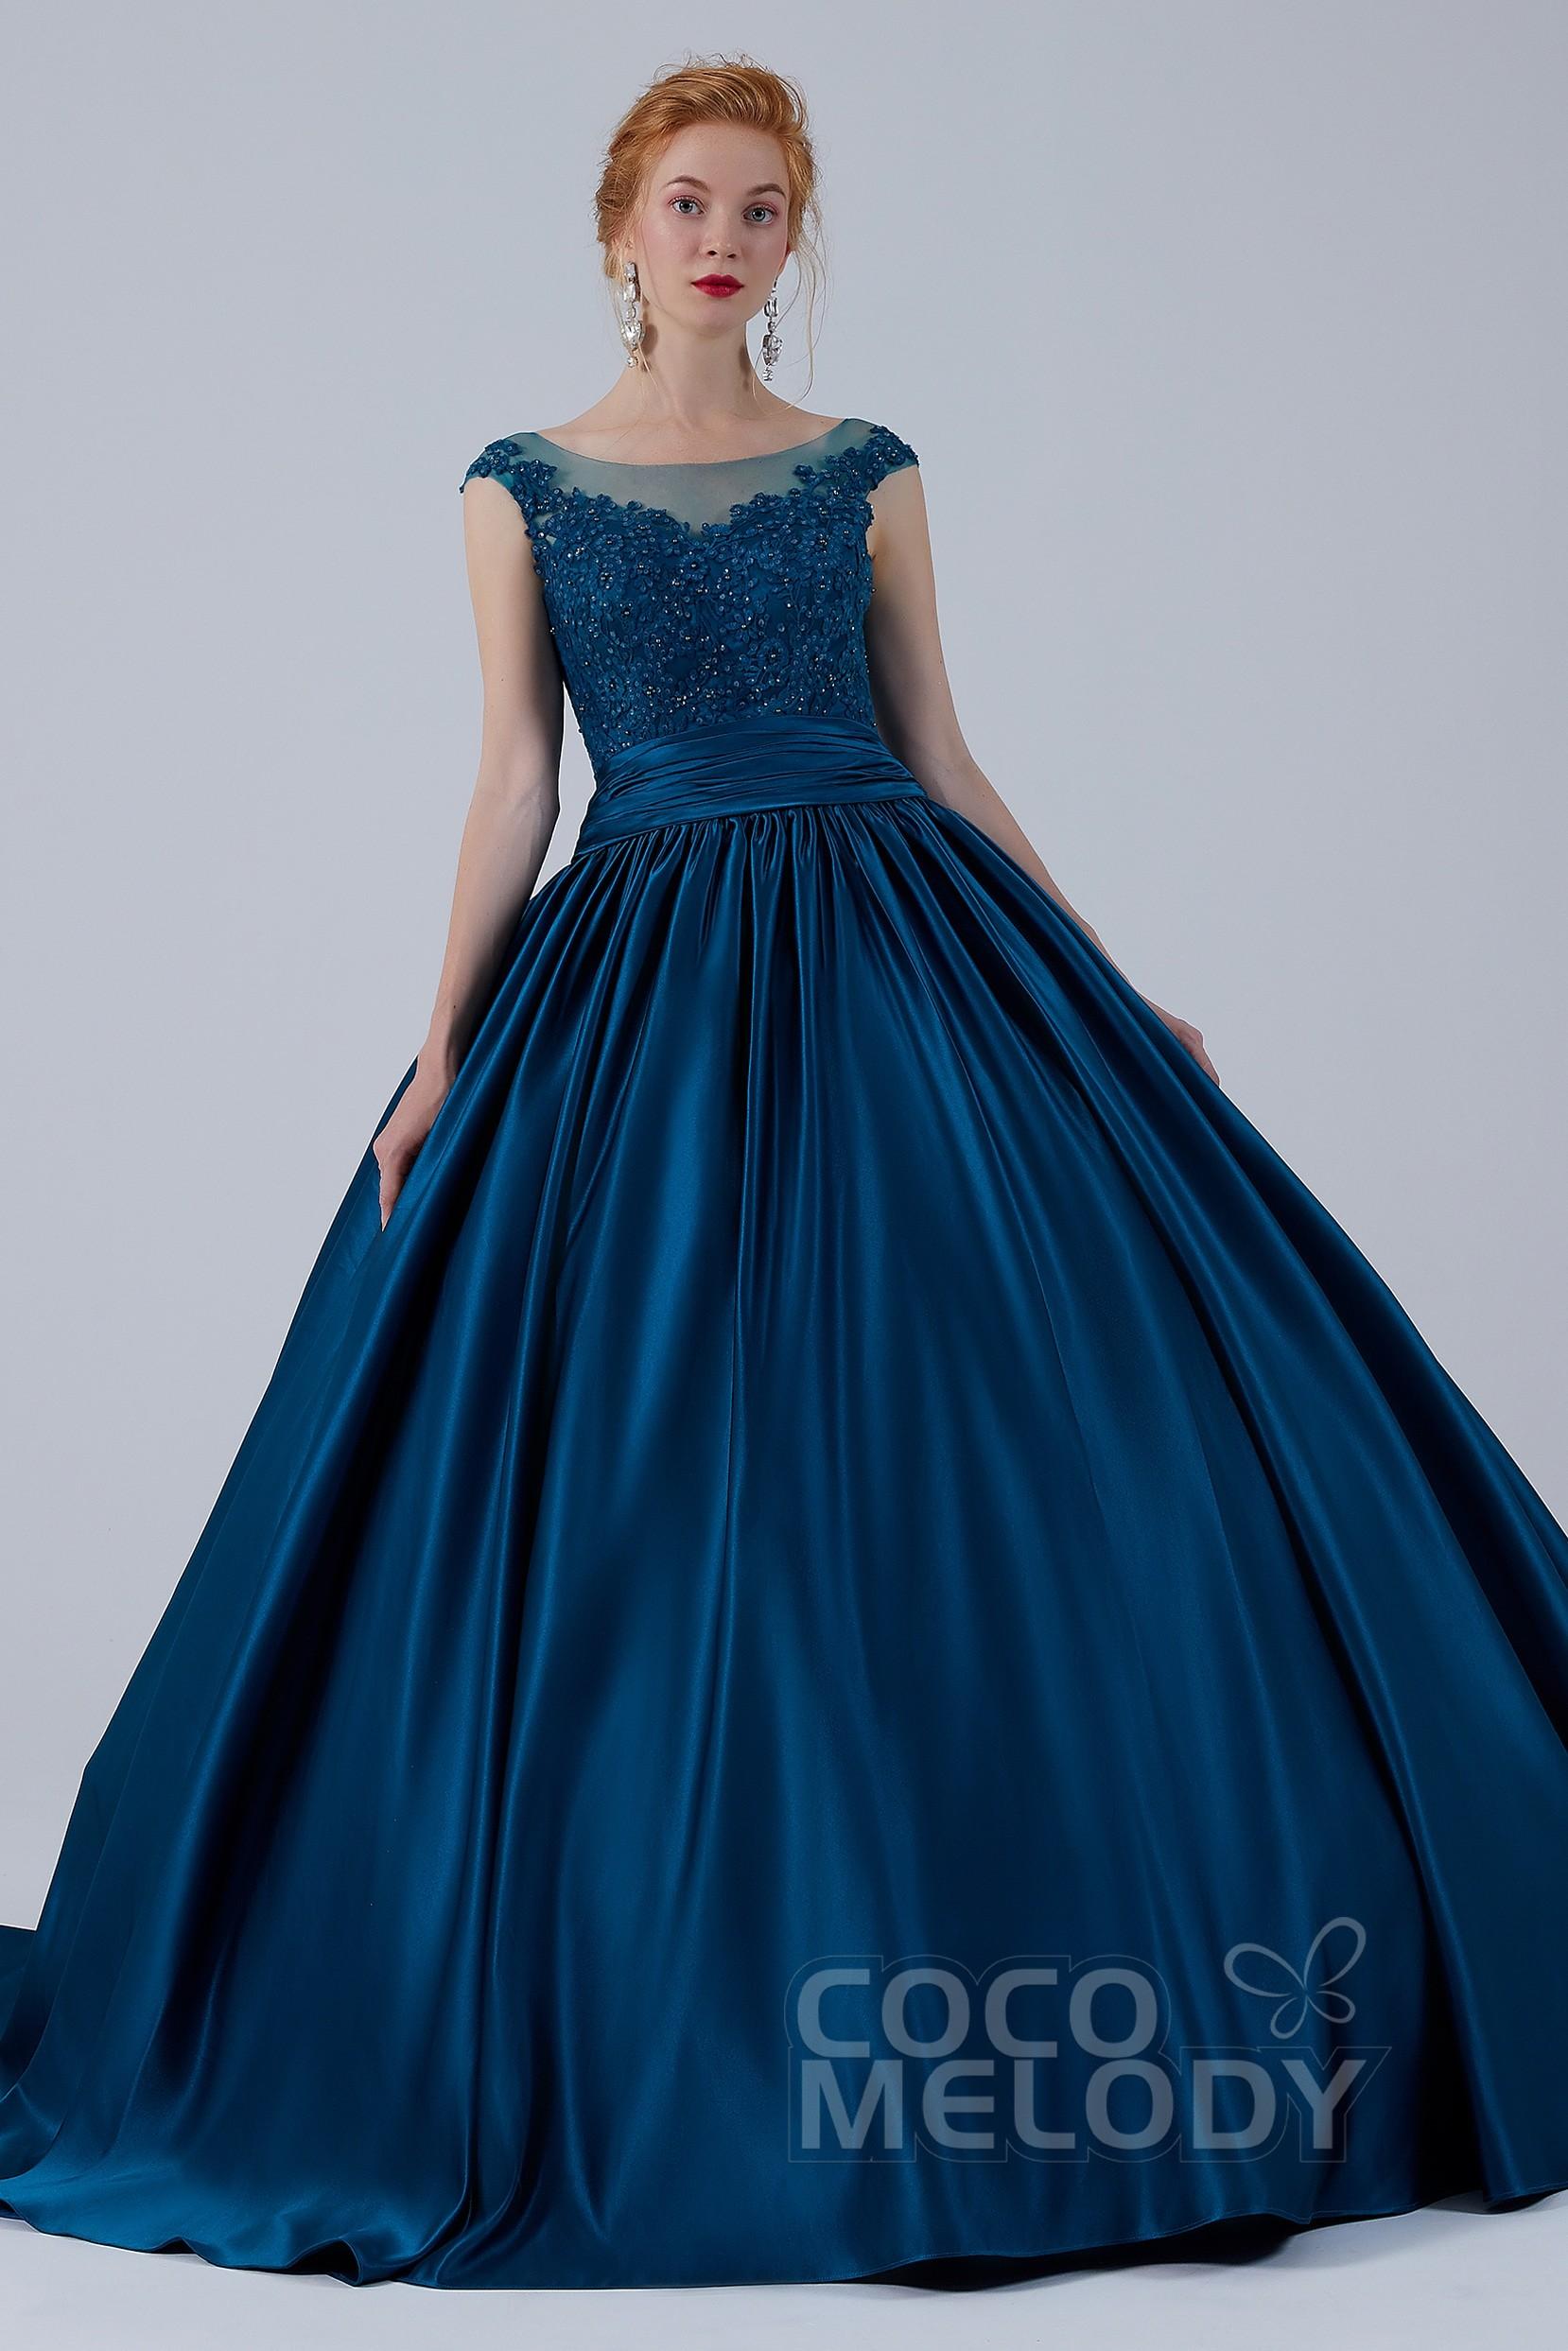 ココメロディのブルーのカラードレス